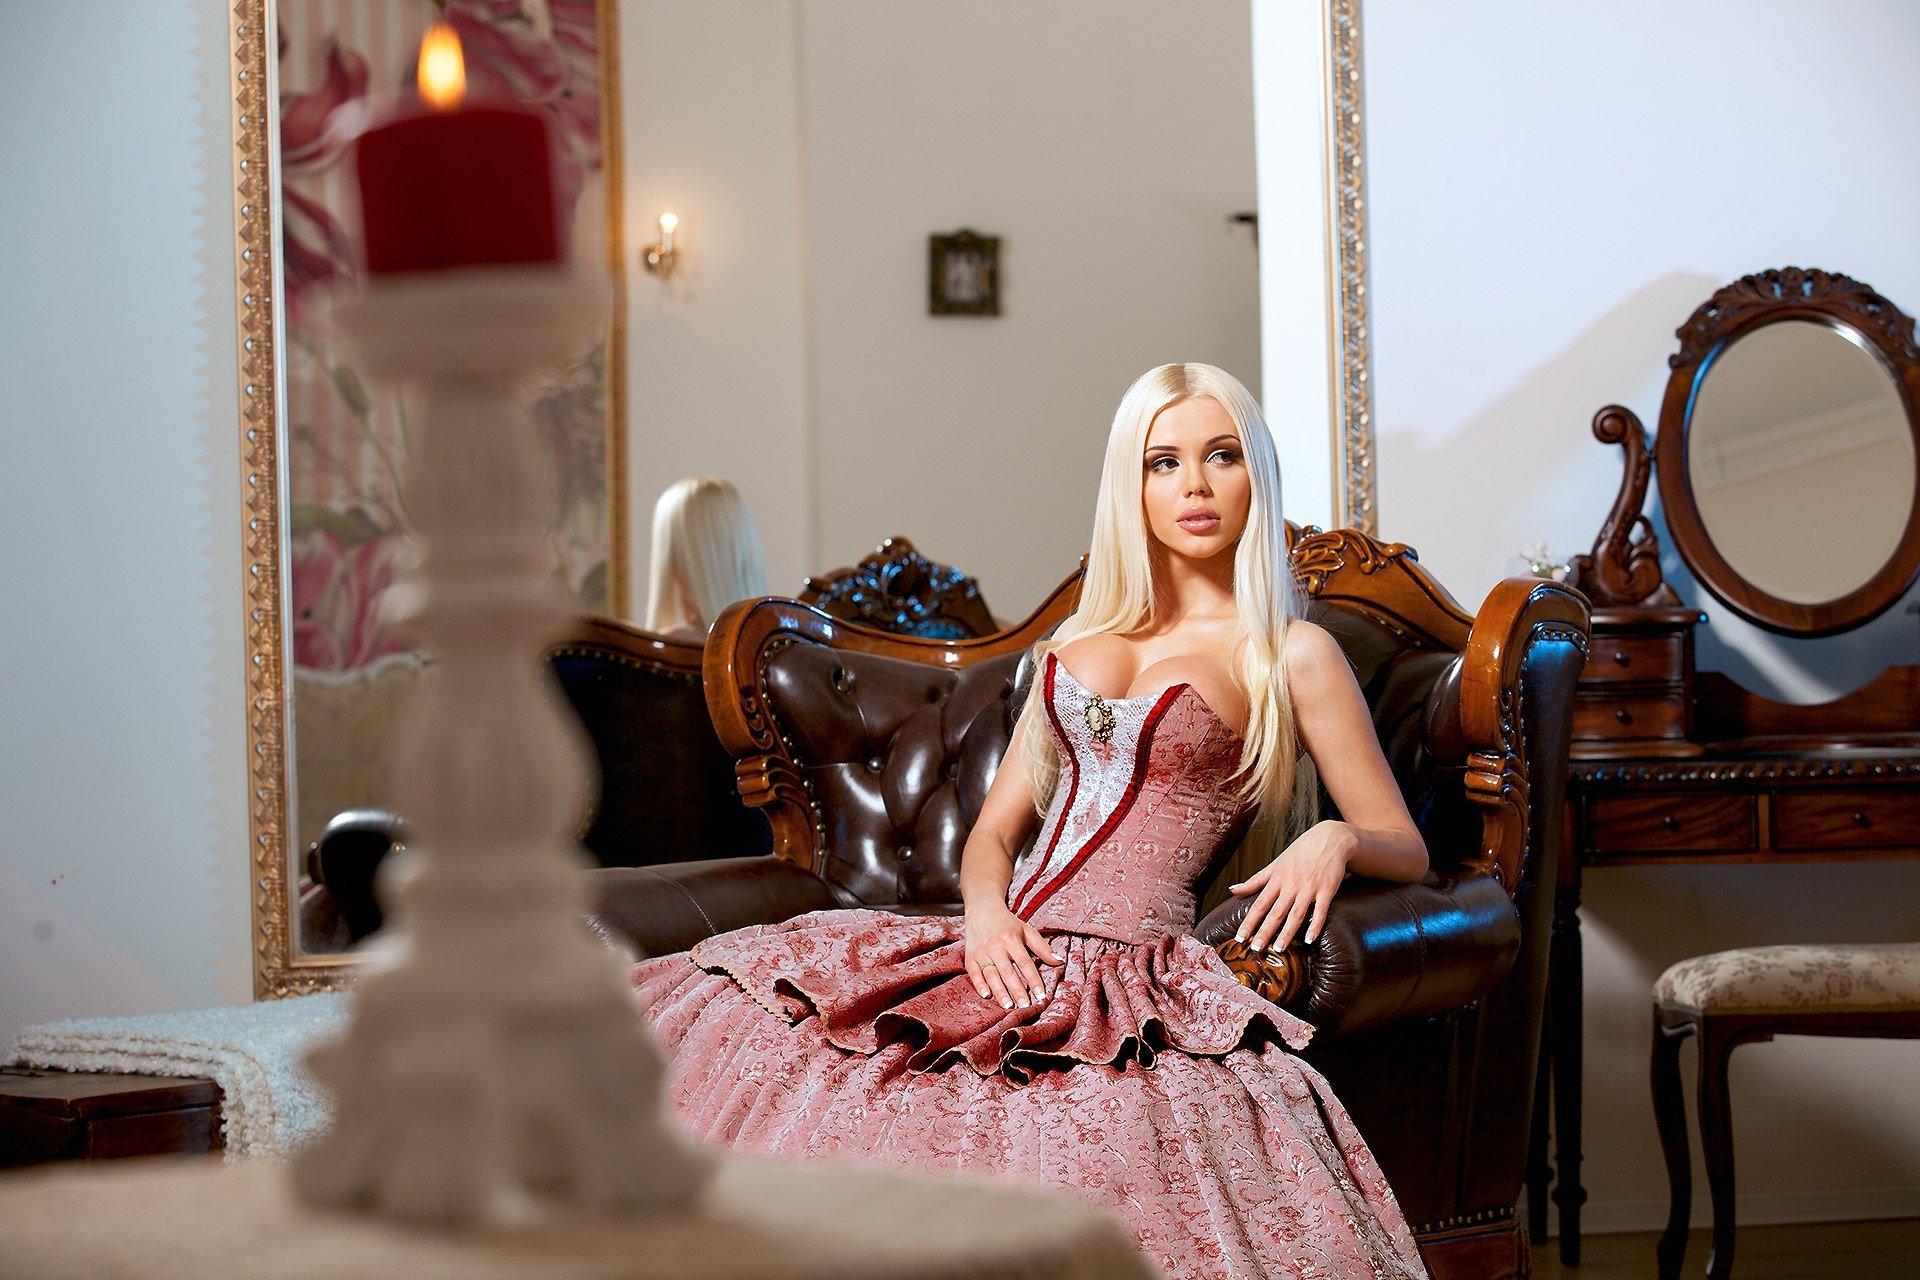 Красивая блондинка в роскошном доме, члены видео мужчины